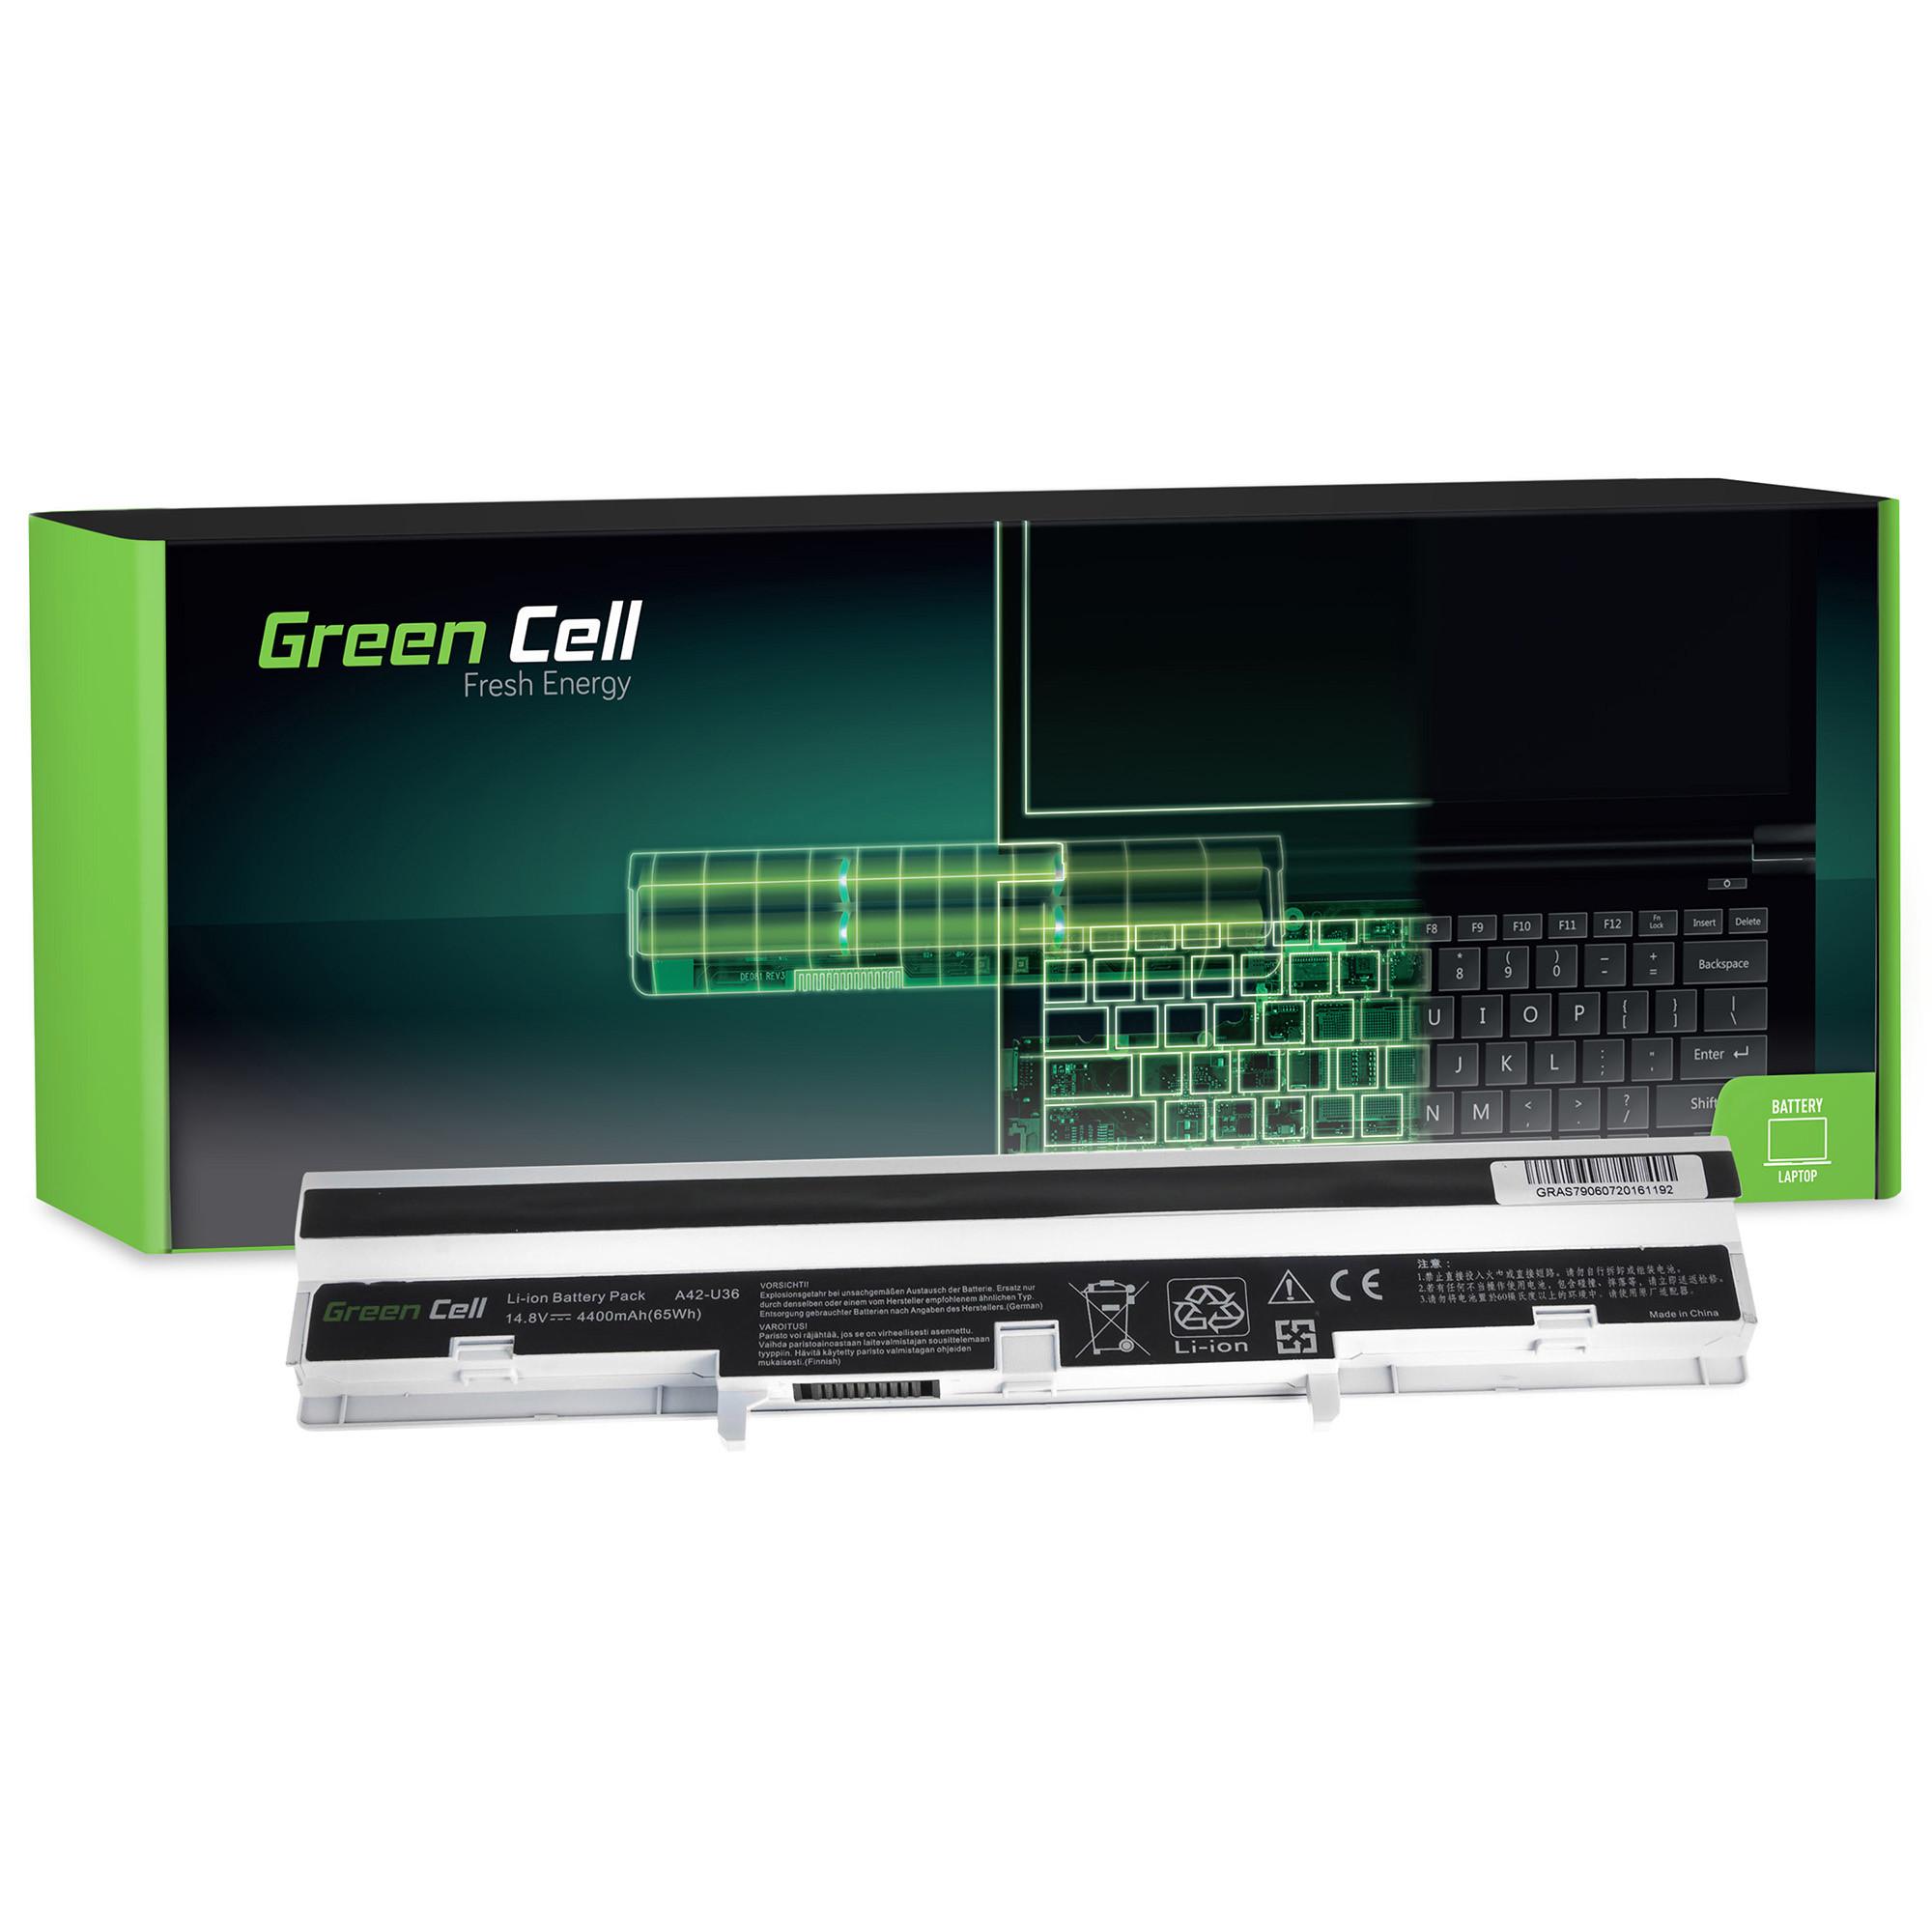 Green Cell AS79 Baterie Asus U32/U32J/U32U/U36/U36J/U36S/U36SD/U36SG/X32 4400mAh Li-ion - neoriginální